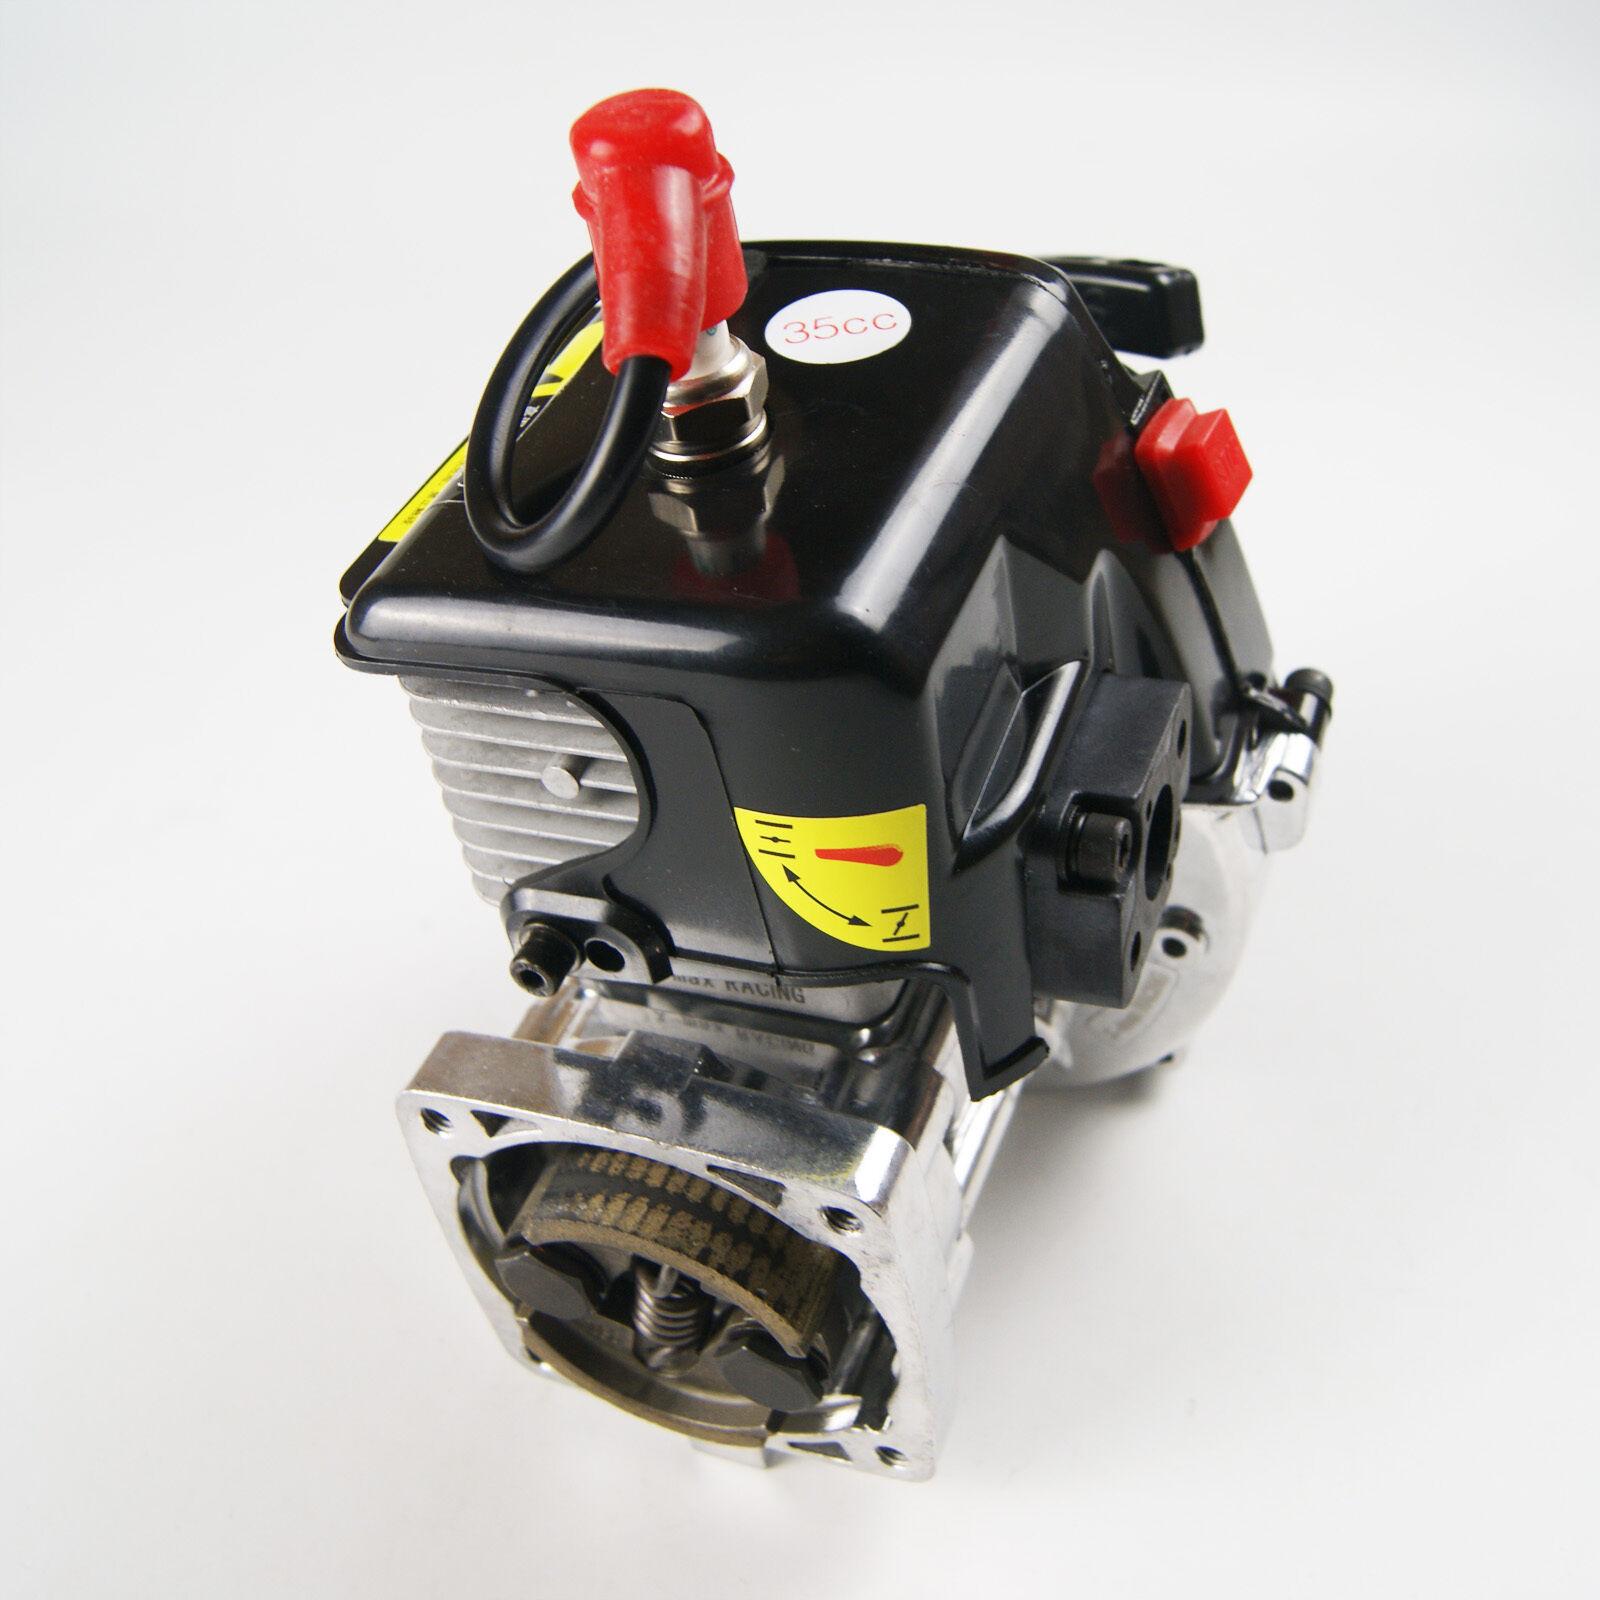 35cc 2 - takt - motor 4 - rovan hpi baja 5b 5 passt kingmotor 5ive losi